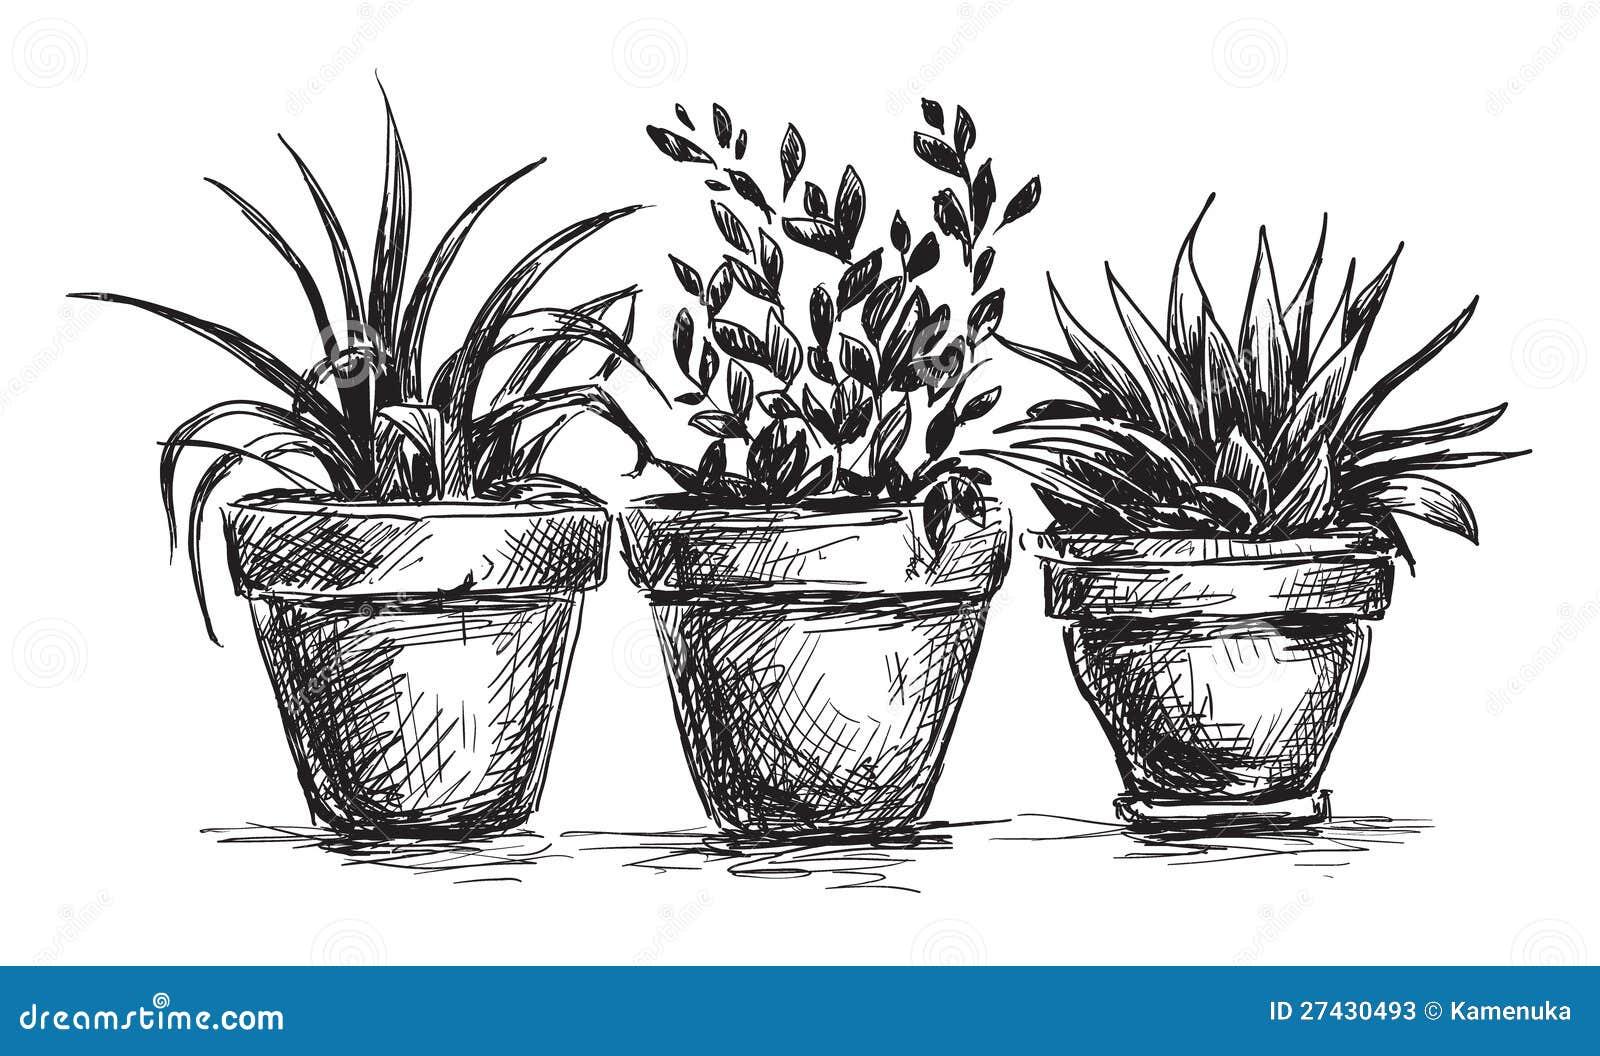 Нарисовать горшок с растениями